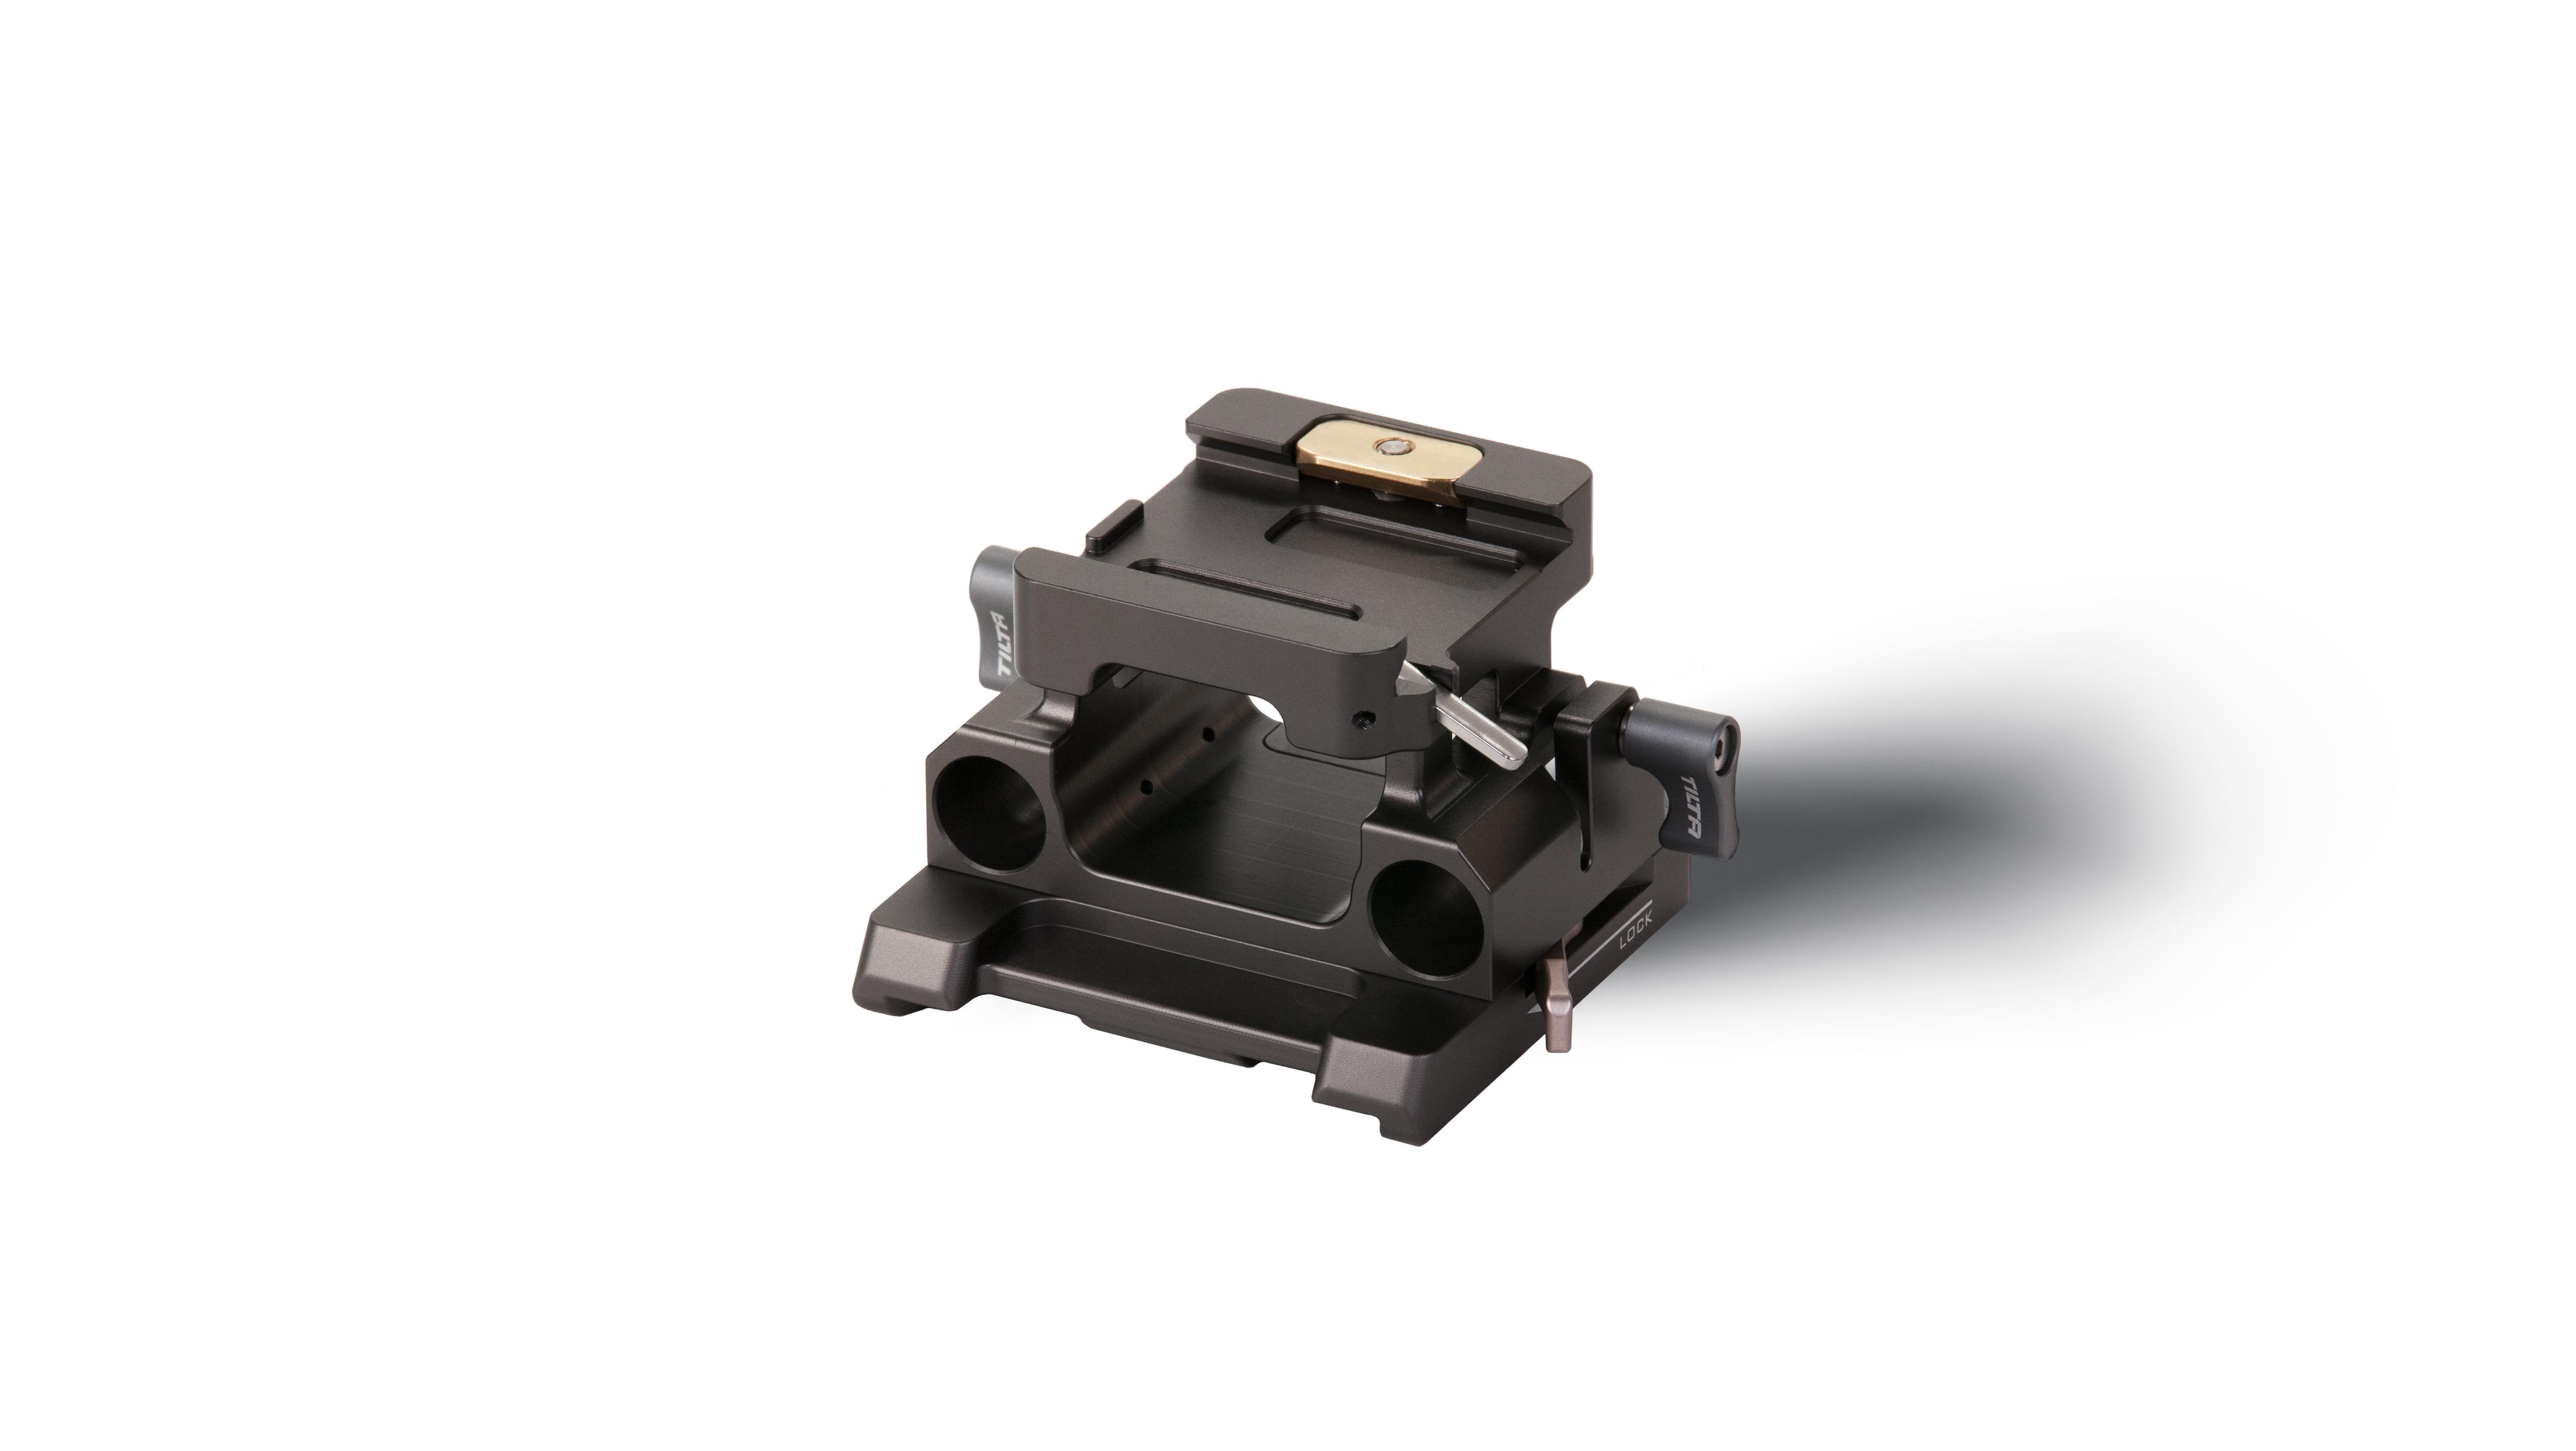 15mm LWS Baseplate Type II - Tilta Gray (Open Box)